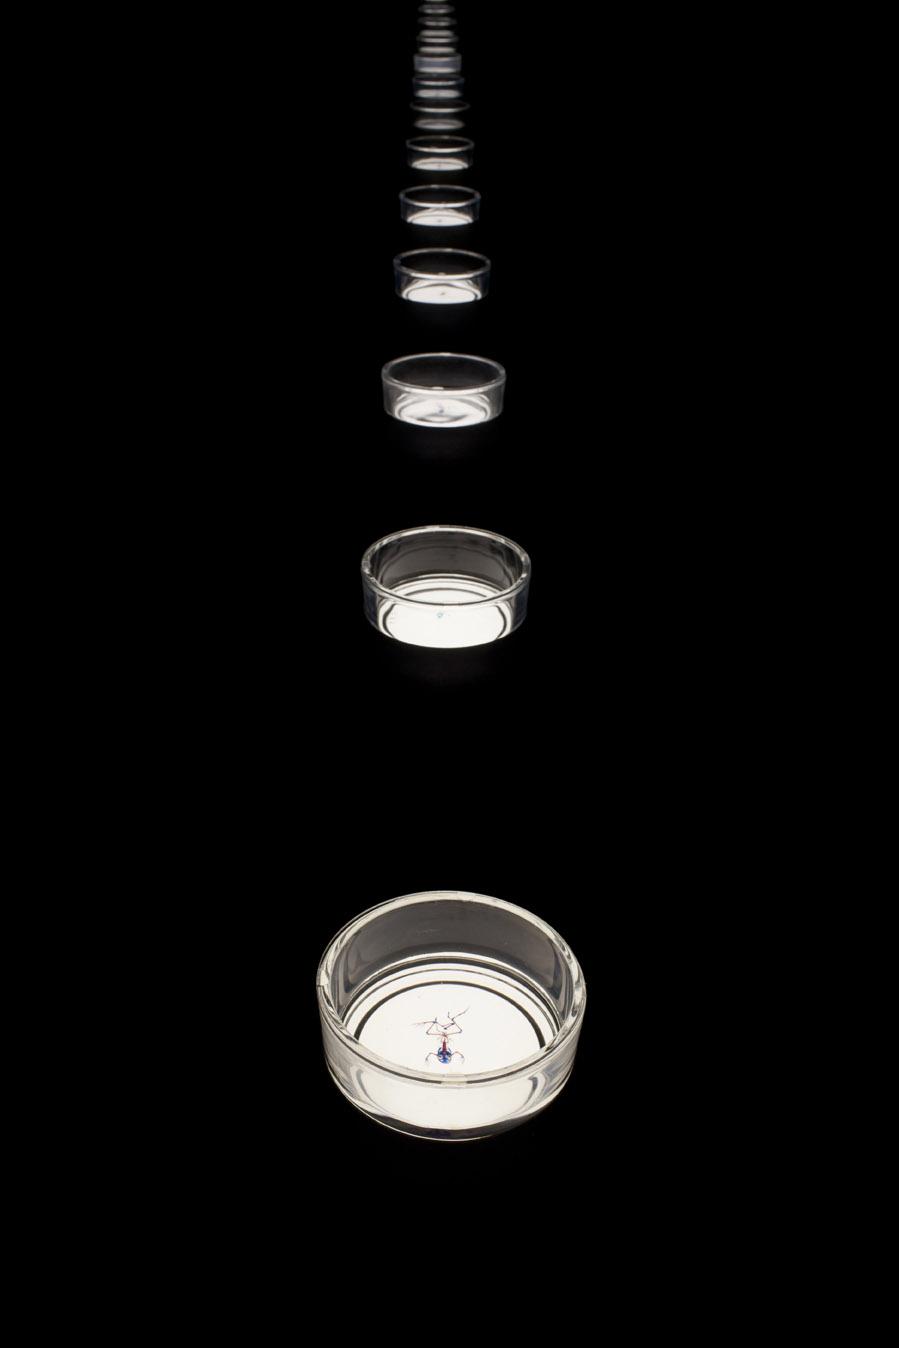 Styx, Brandon Ballengée, Museum Het Domein, 2014.